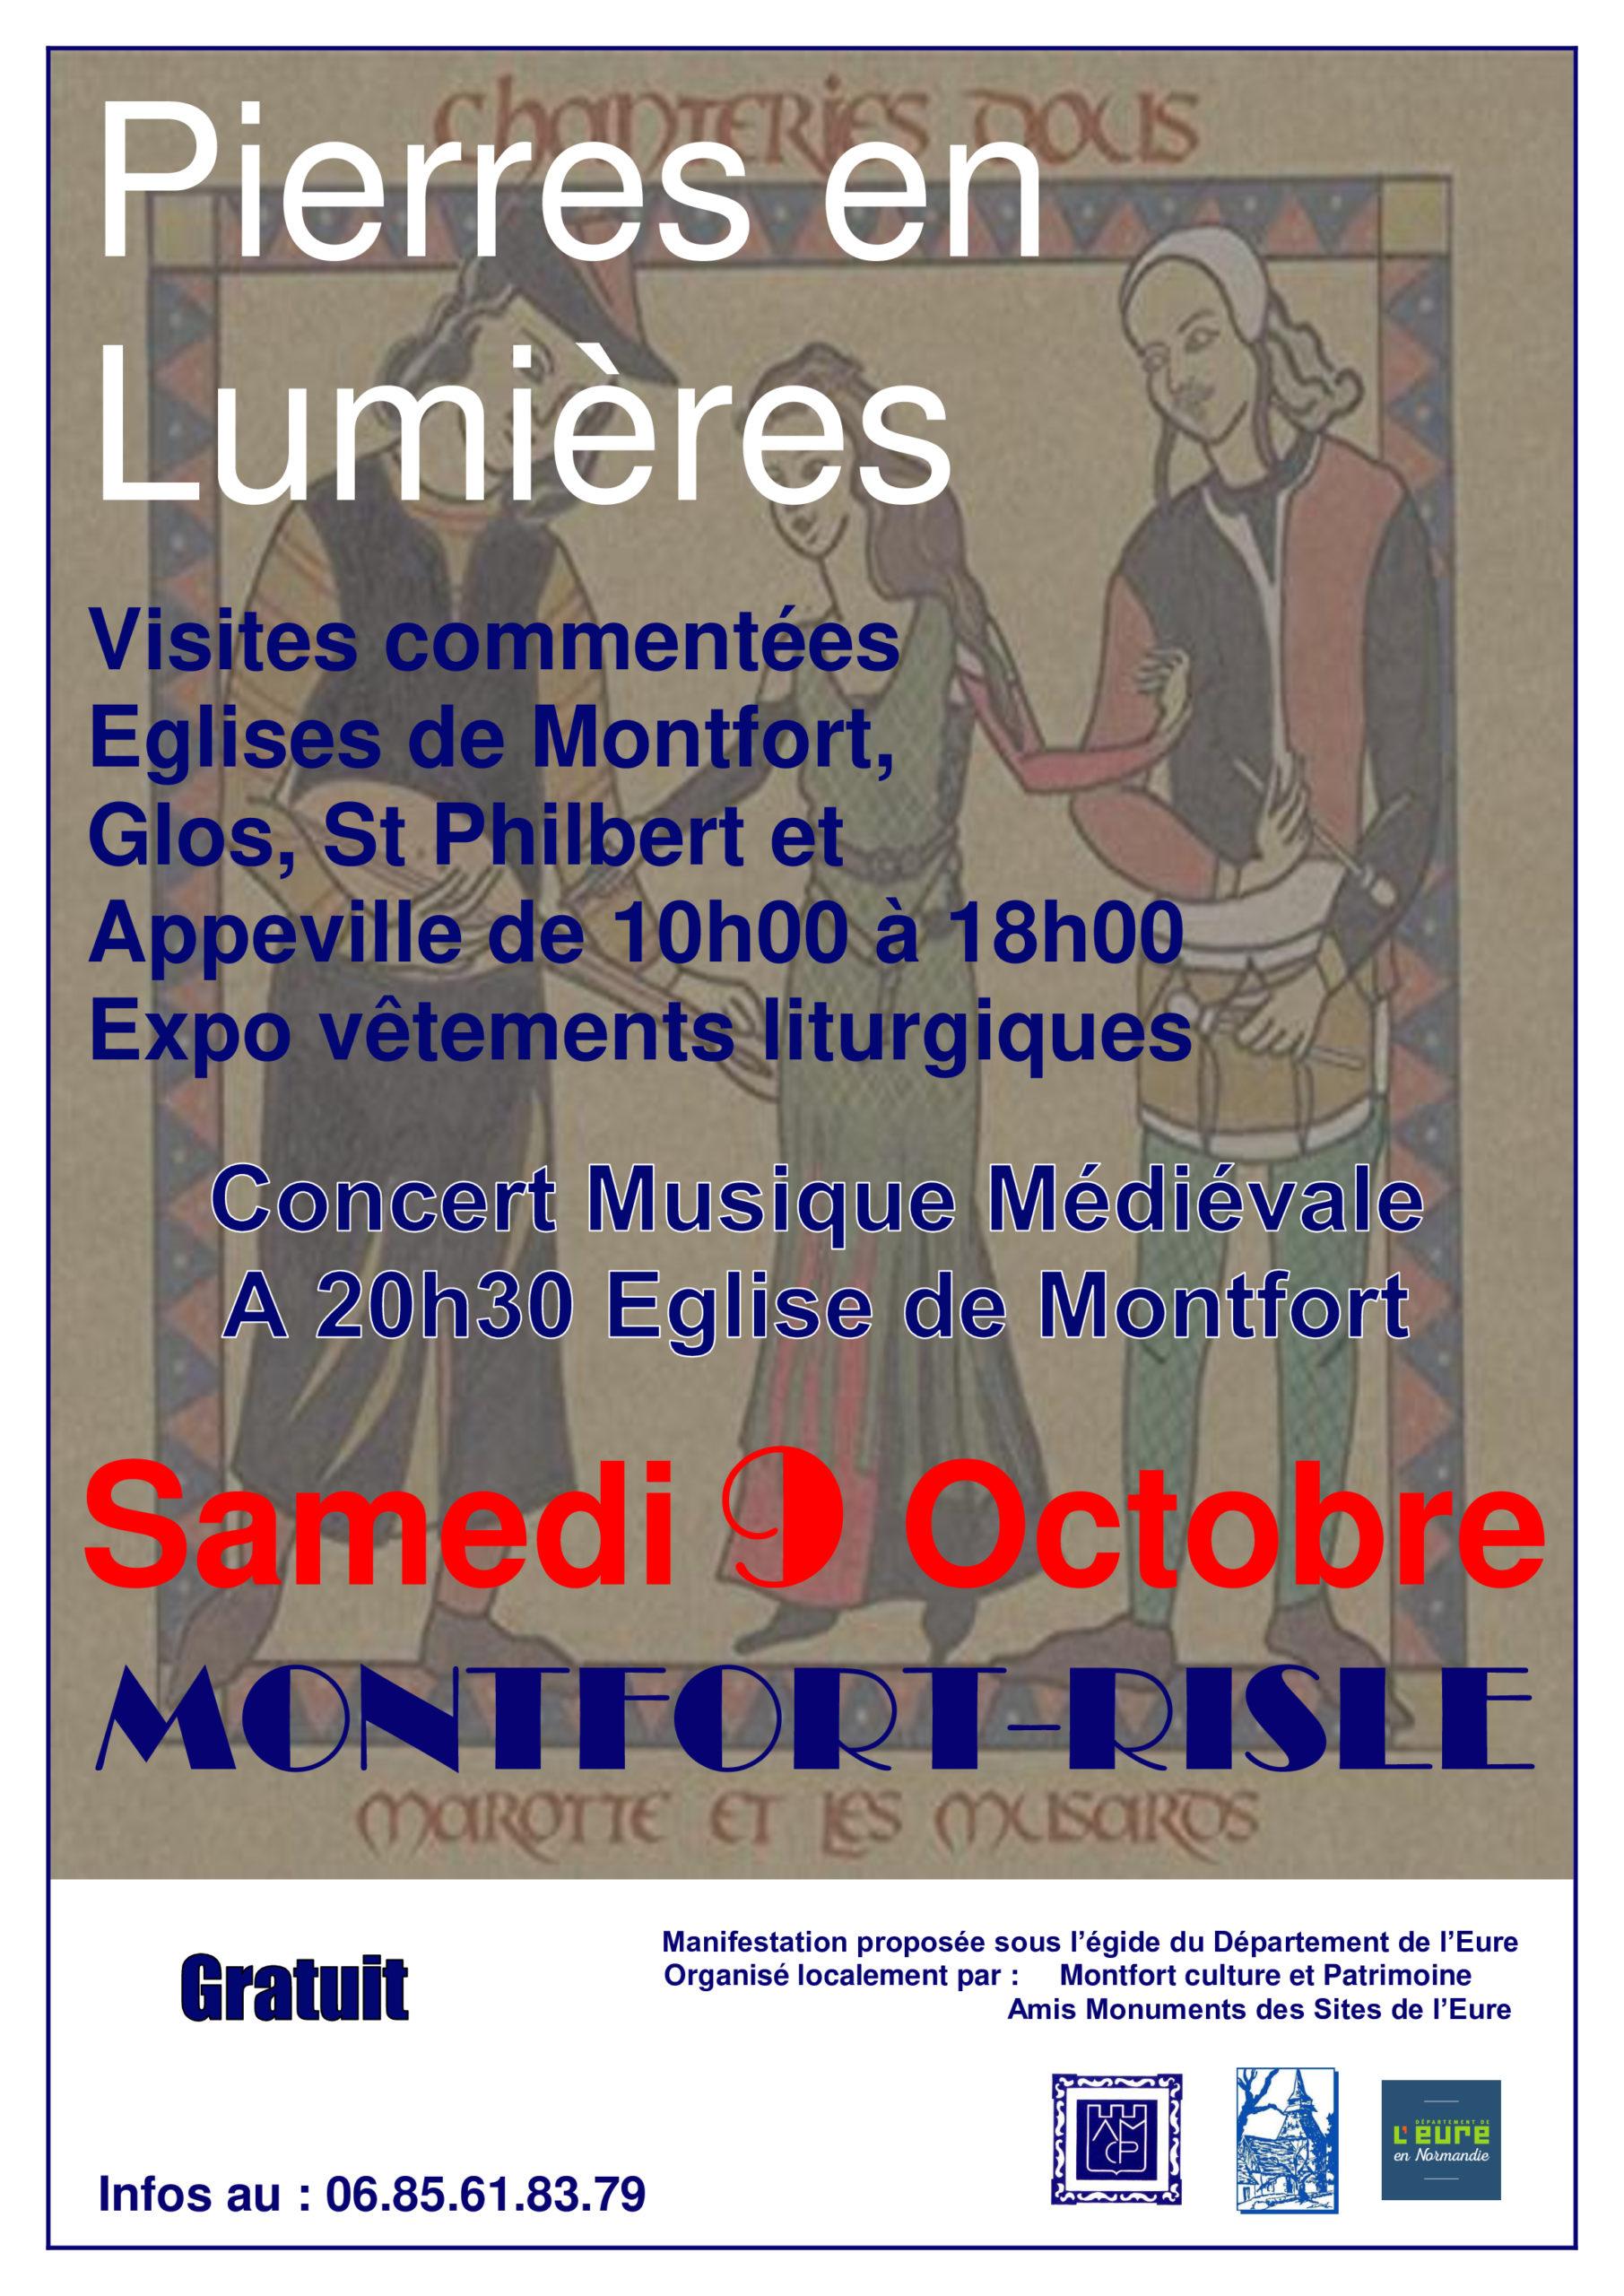 Affiche Pierres en Lumieres scaled